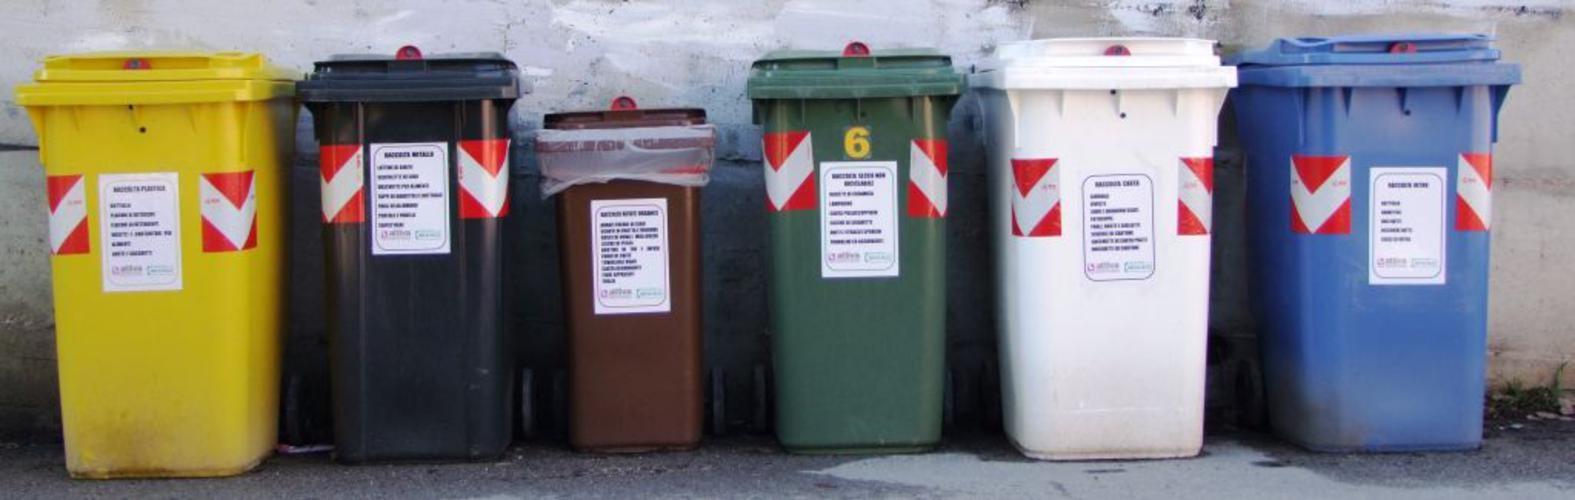 Raccolta Differenziata Bidoni Ikea bari, autorizzato il conferimento dei rifiuti